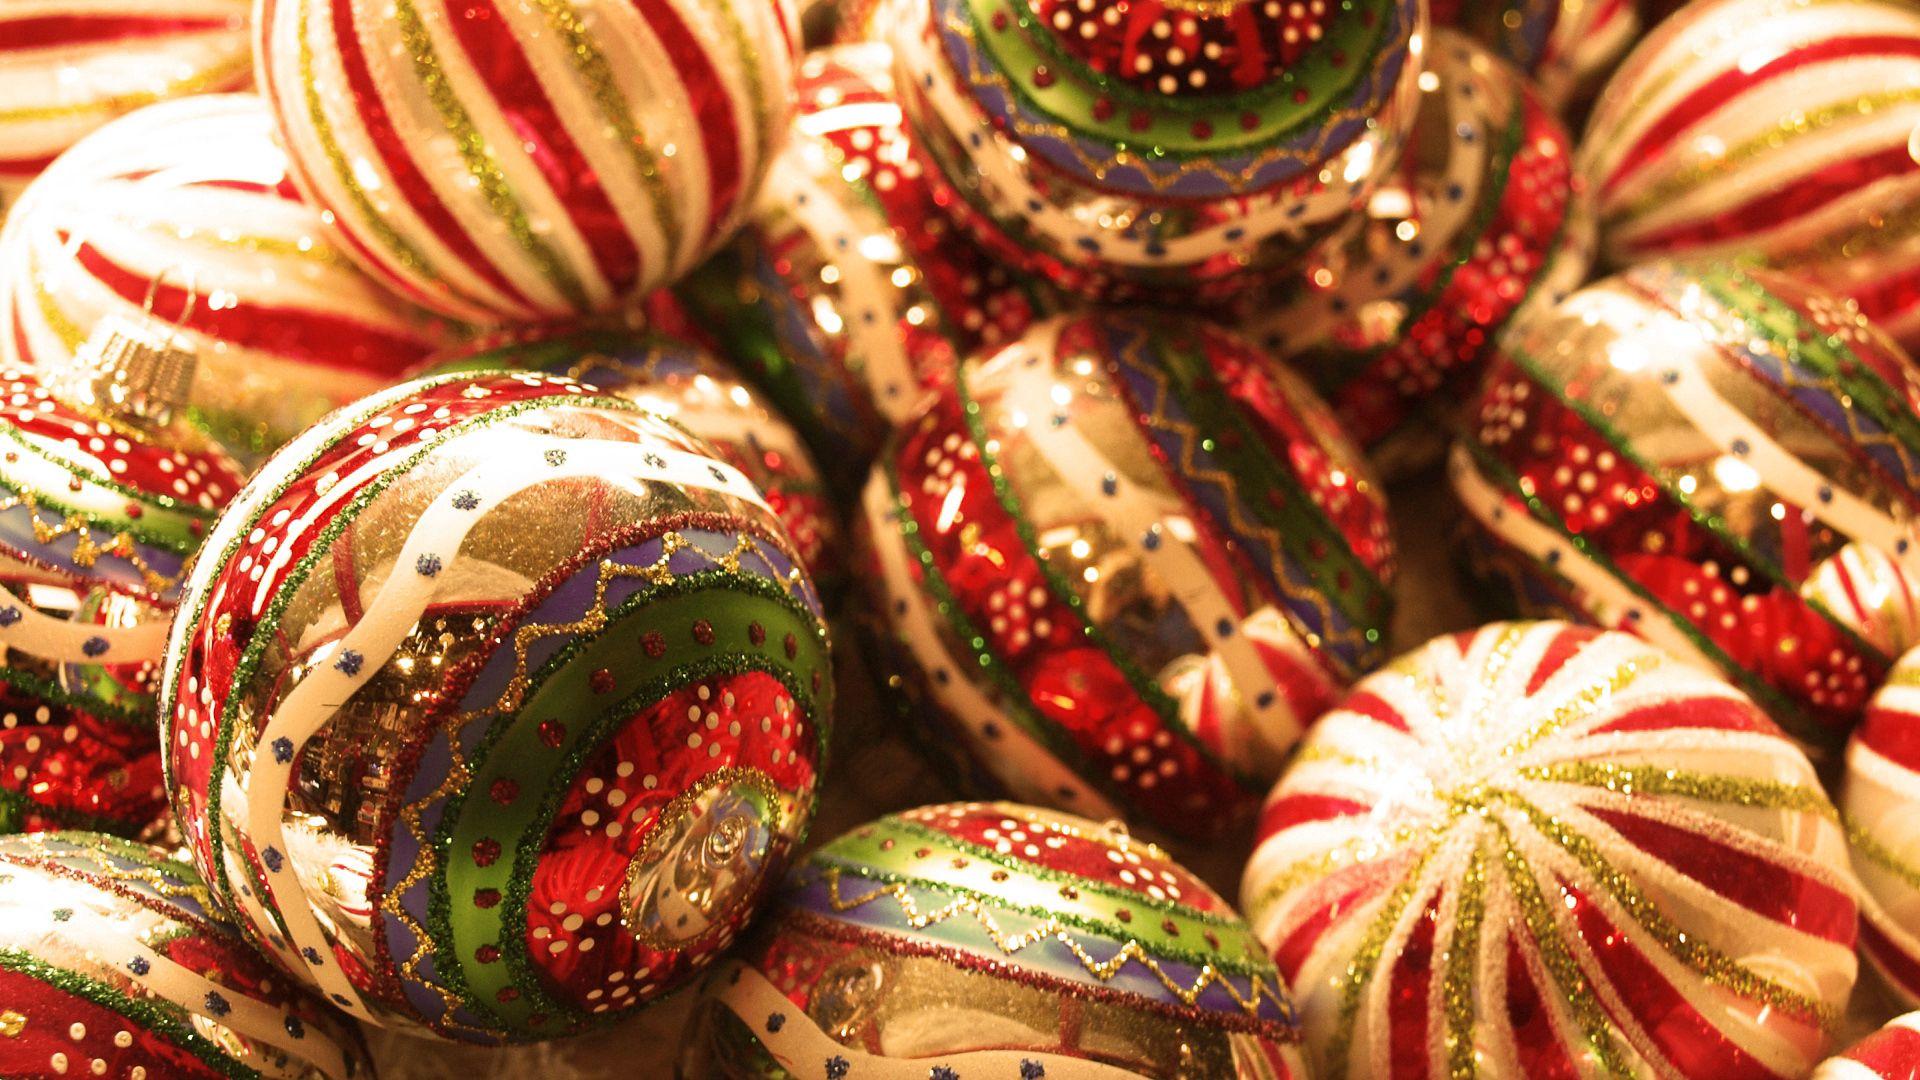 60760 Hintergrundbild herunterladen Feiertage, Neujahr, Spielzeug, Weihnachten, Neues Jahr, Bälle, Weihnachtsdekorationen, Weihnachtsbaumdekoration - Bildschirmschoner und Bilder kostenlos